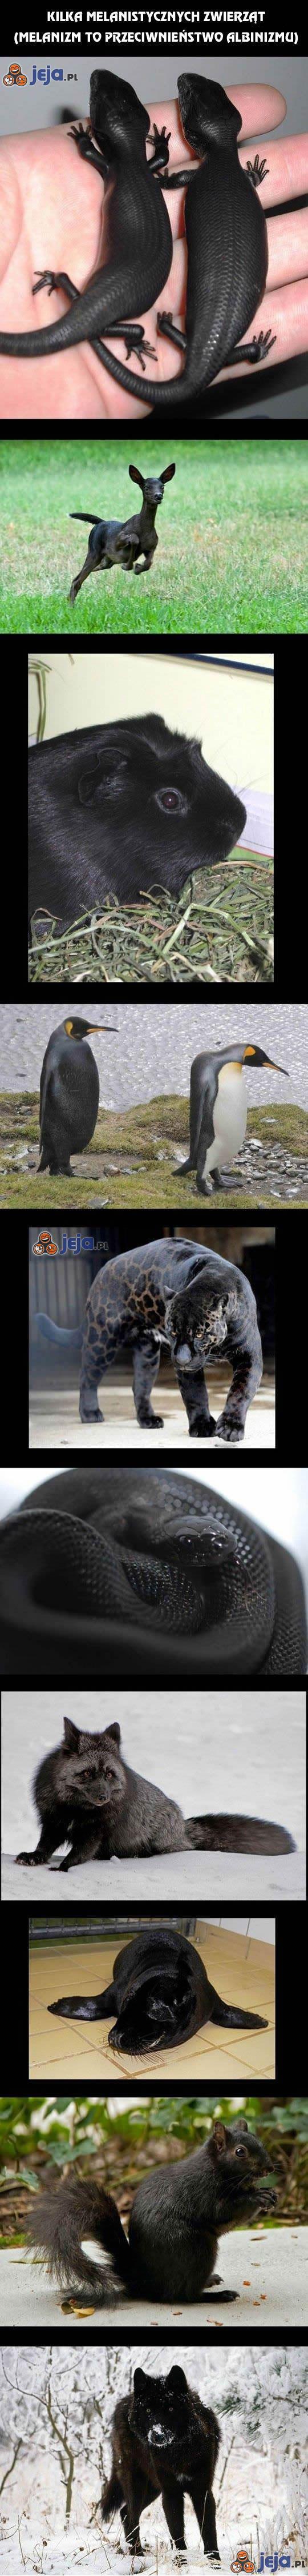 Kilka melanistycznych zwierząt